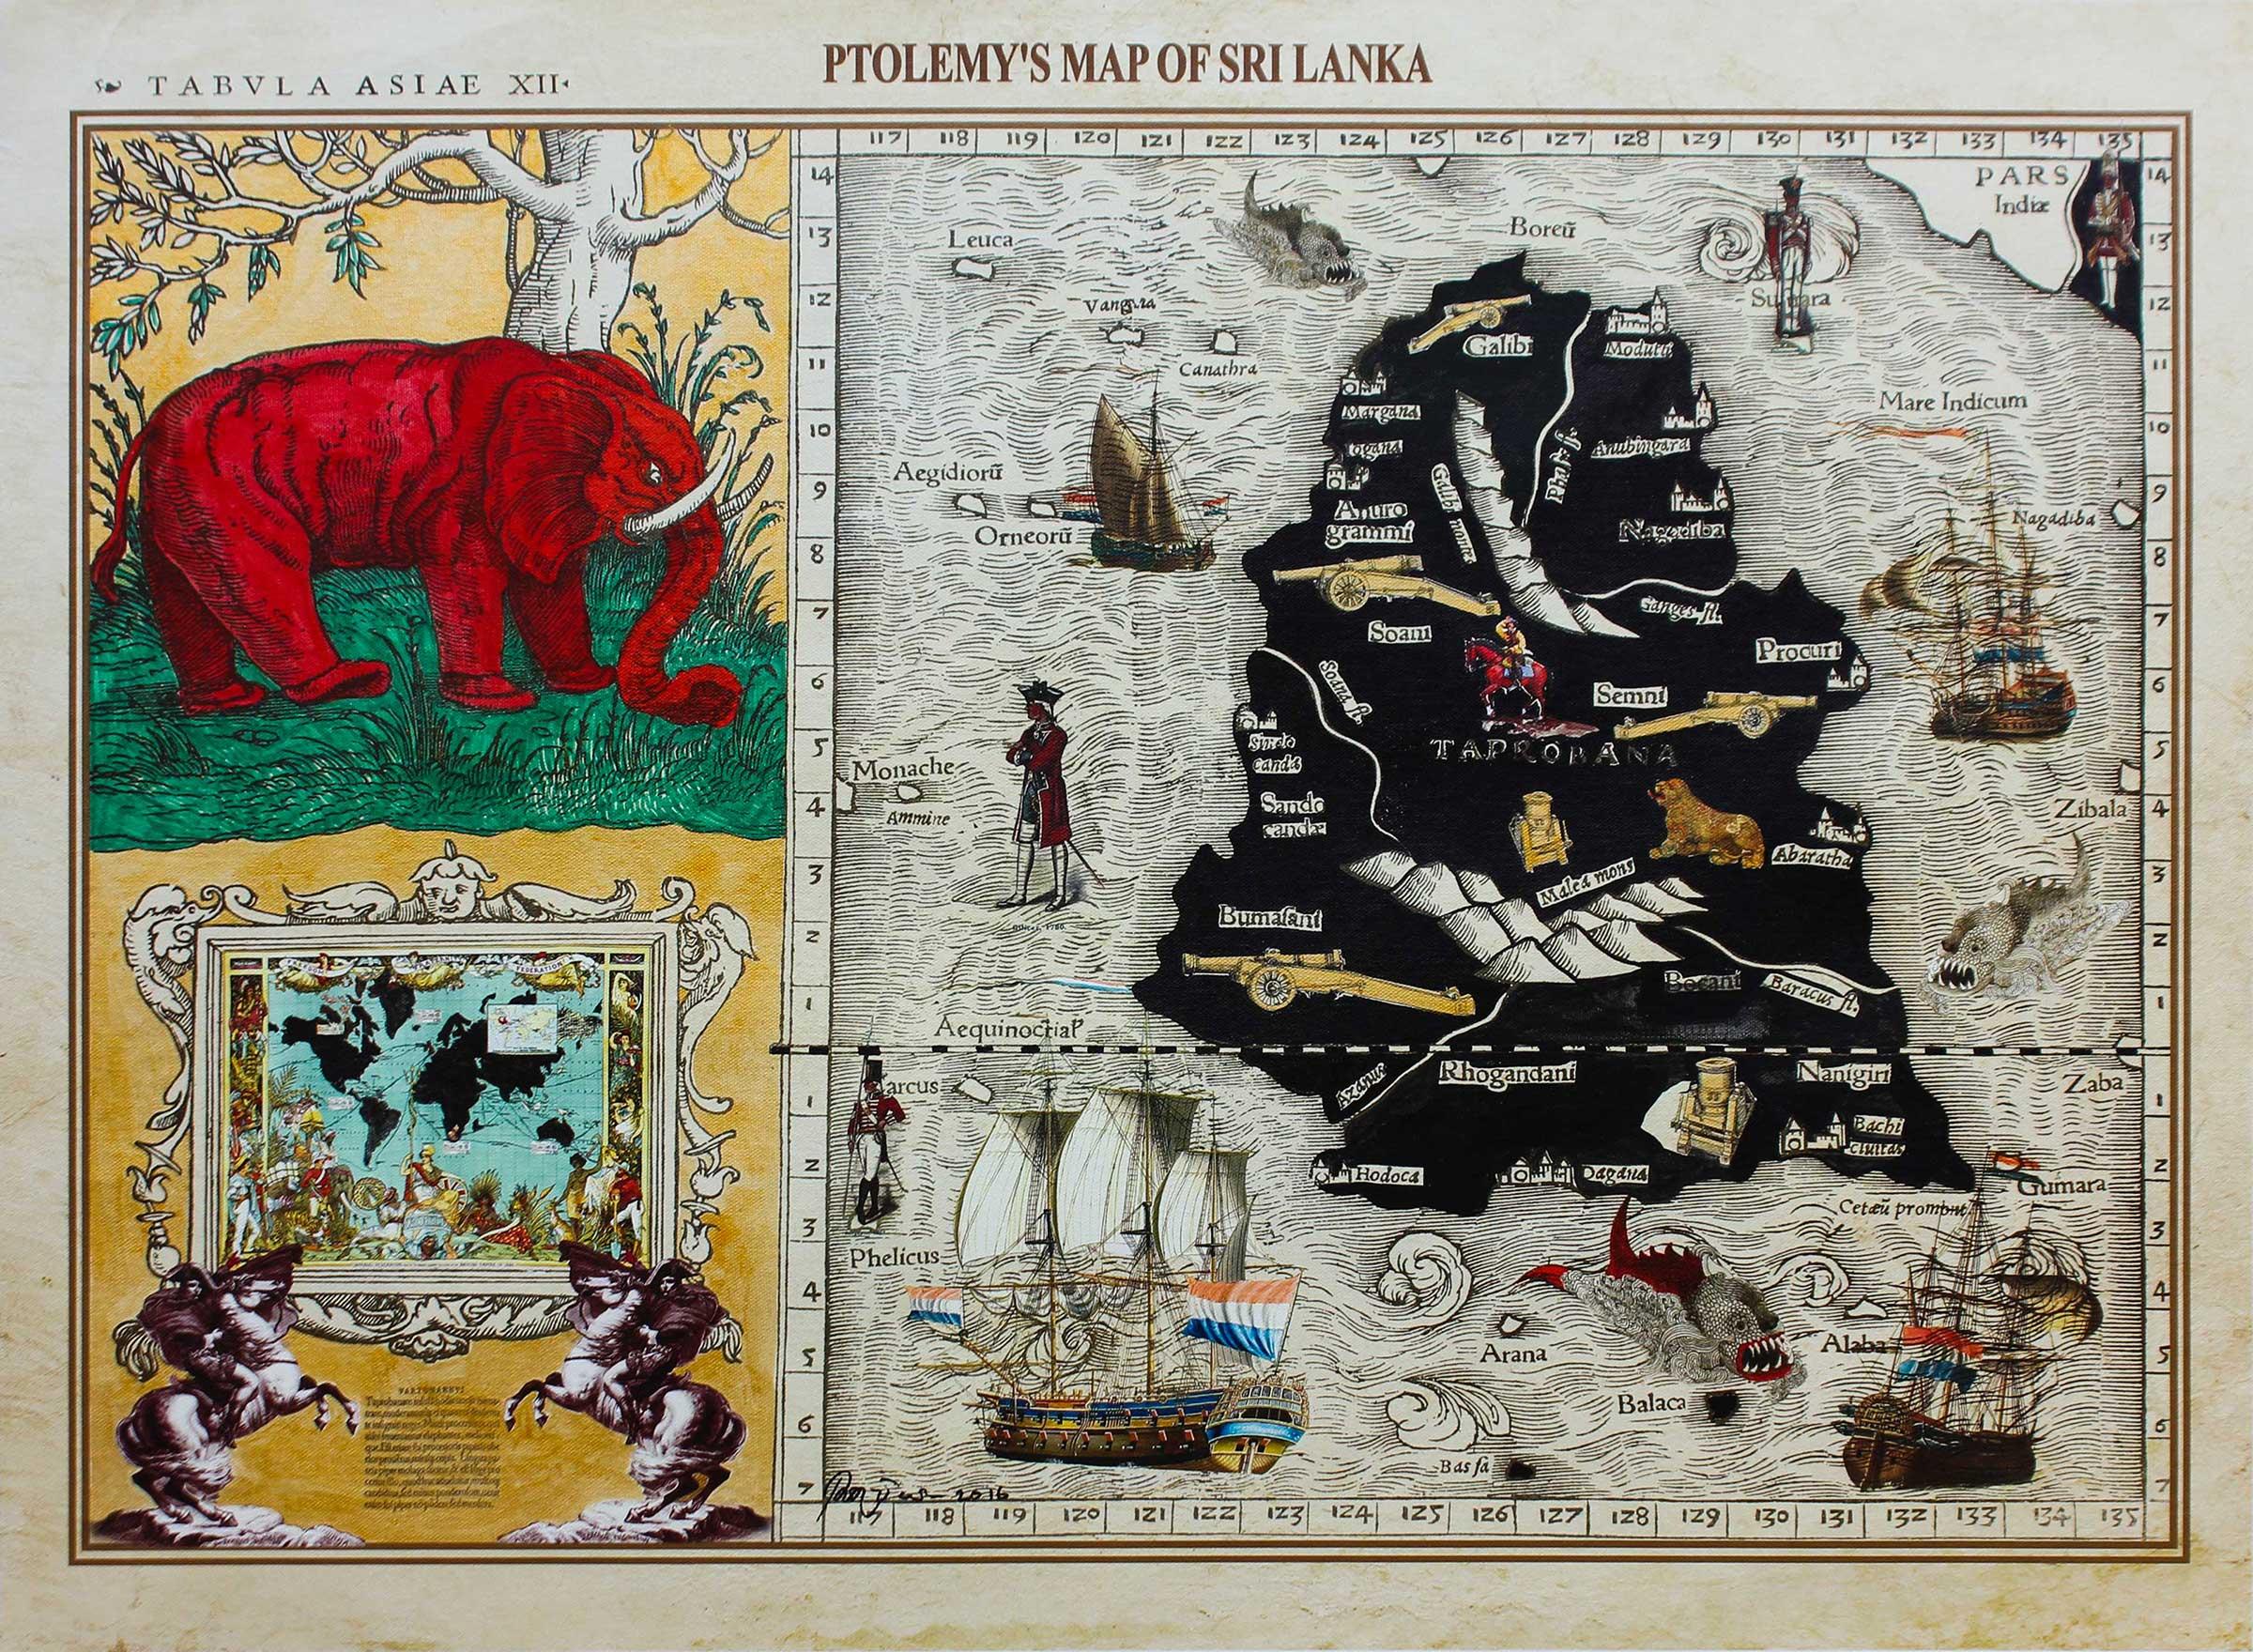 Pala Pothupitiye,  Ptolemy's Map of Sri Lanka , 2016.  Acrylic and ink on archival print on archival canvas, 56 x 76cm